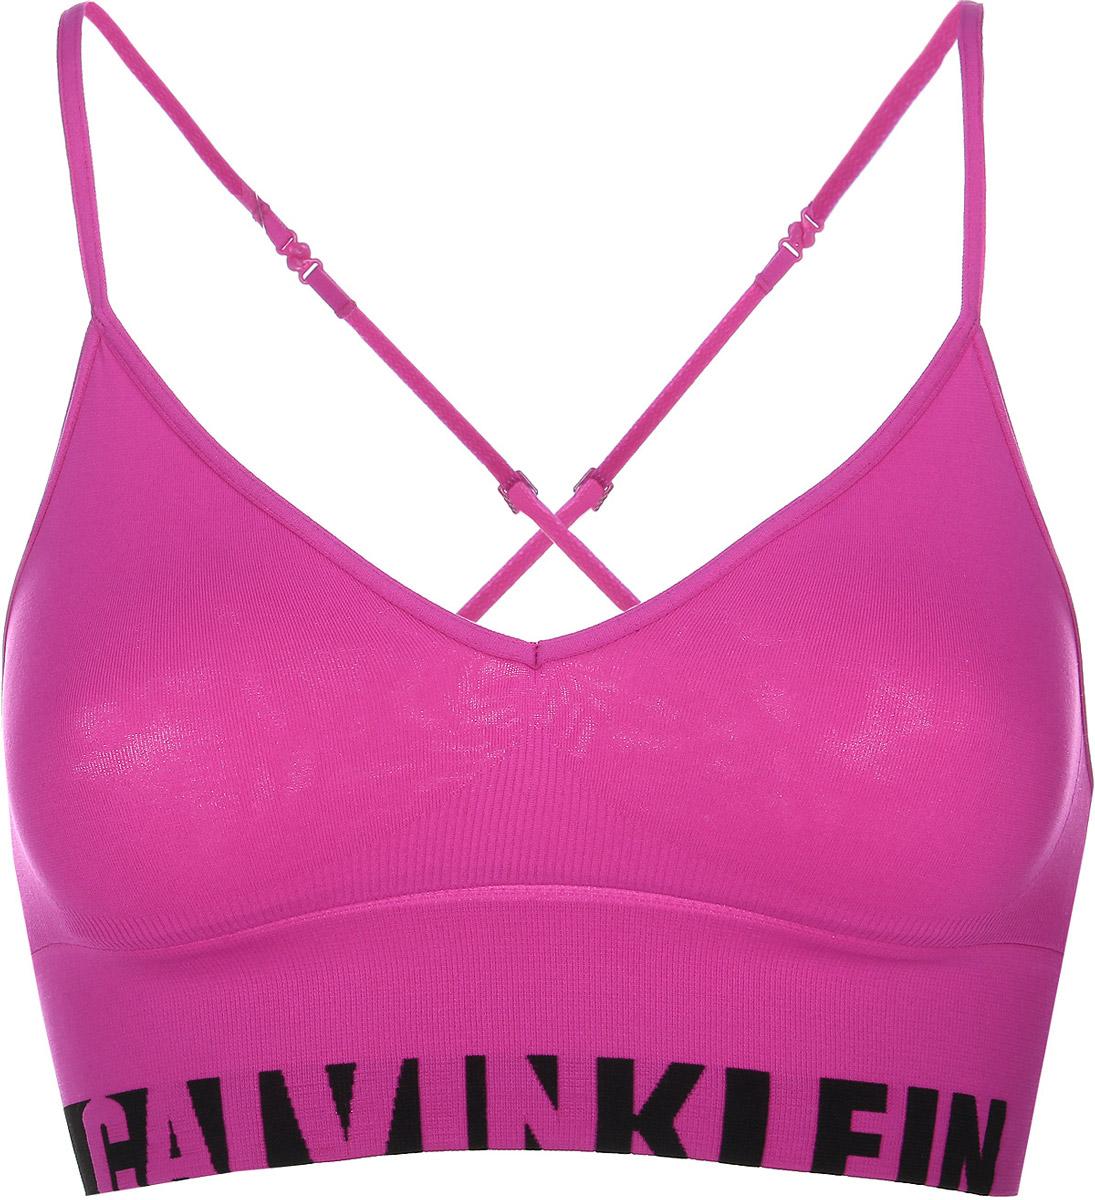 Топ-браQF1567E_100Удобный и практичный топ-бра Calvin Klein Underwear, выполненный из высококачественного эластичного полиамида с добавлением эластана идеально подойдет для повседневной носки, а также для активного отдыха. Модель на бретелях имеет широкий эластичный пояс, который обеспечивает бережную поддержку. Узкие несъемные бретельки надежно фиксируют топ на плечах и регулируются по длине. Топ оформлен контрастным принтом с надписью бренда. Такая модель подарит вам комфорт в течение дня и станет отличным дополнением к вашему спортивному гардеробу.